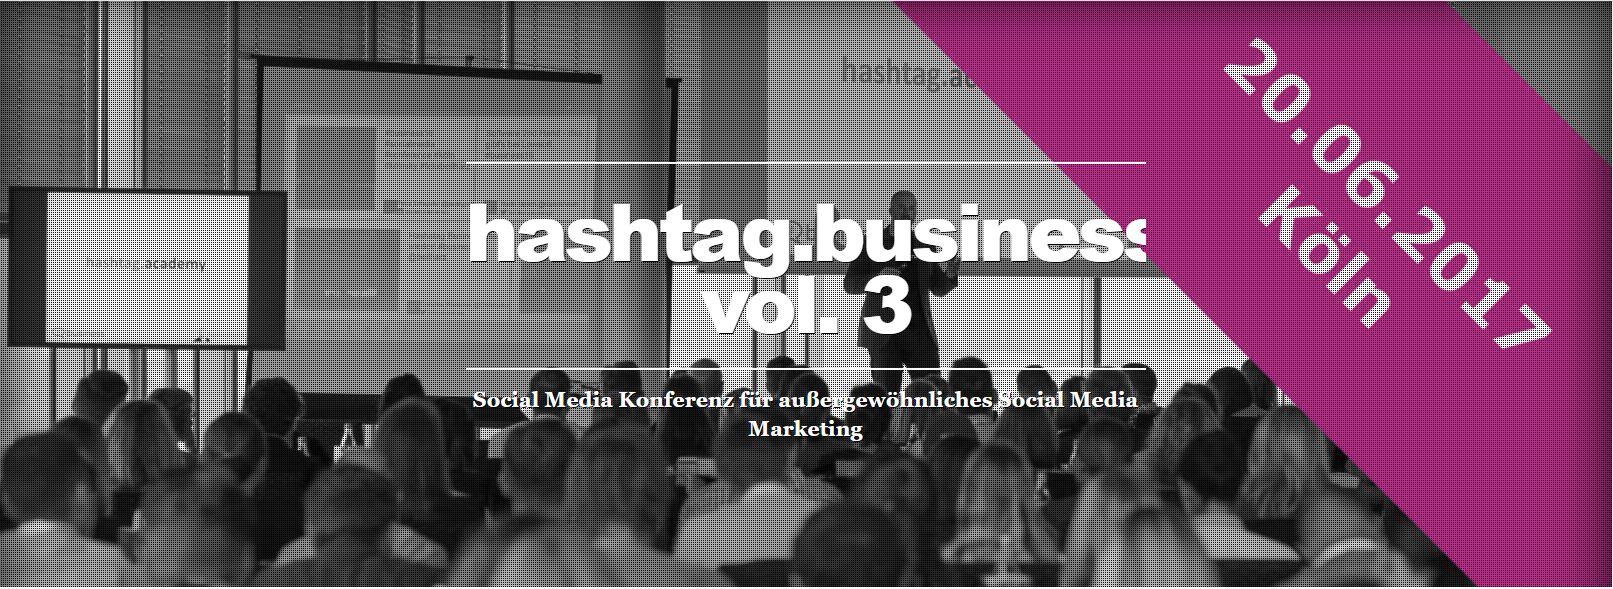 Freikarten für die hashtag.business in Köln